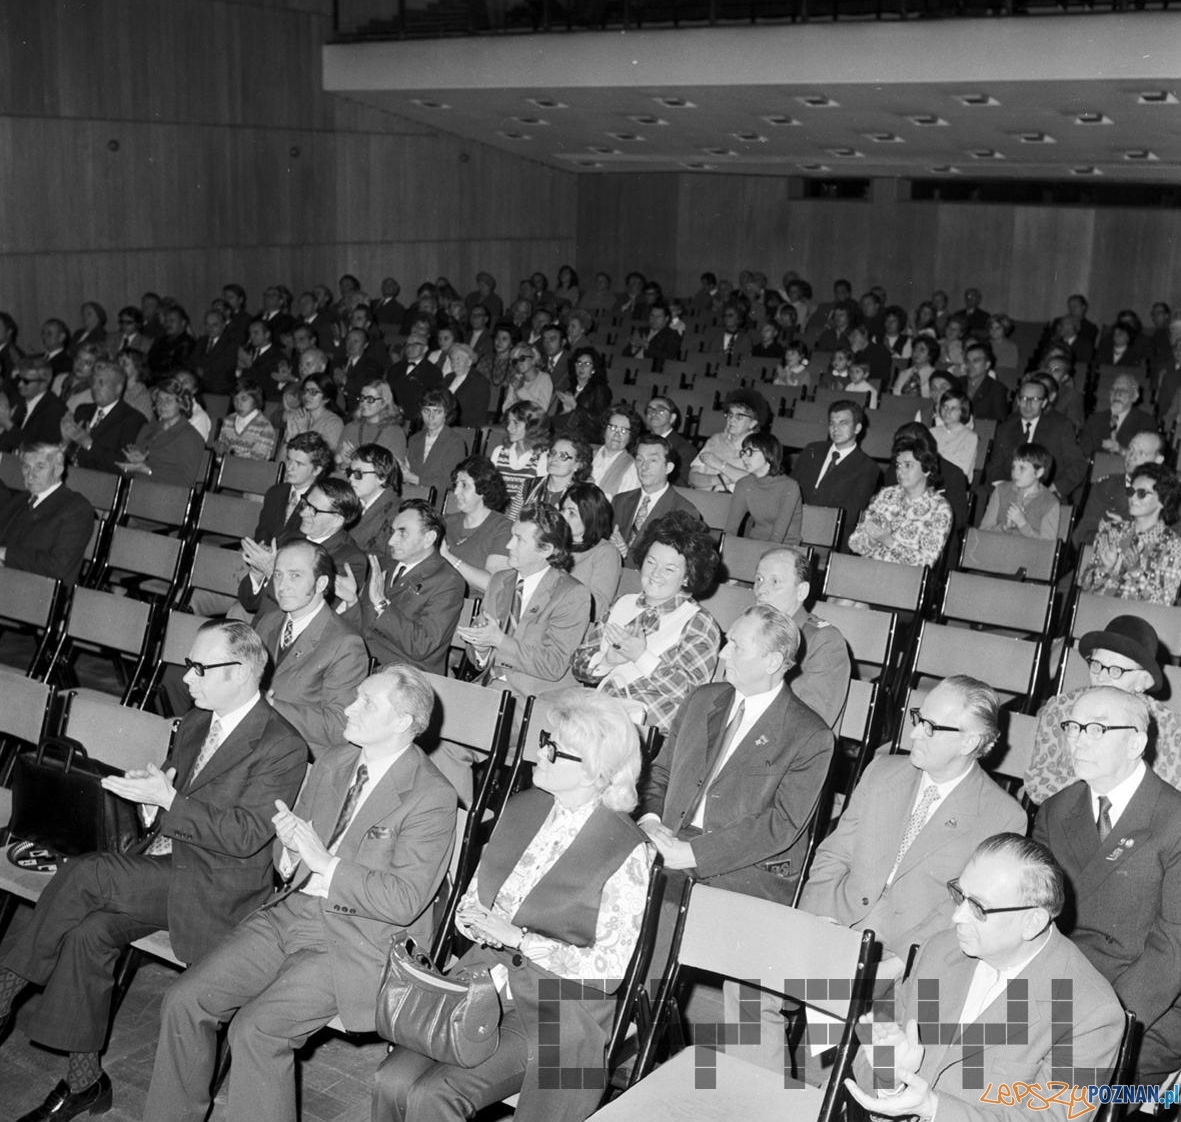 Dzień Znaczka w Pałacu Kultury - 24.10.1974  Foto: Stanisław Wiktor / Cyryl